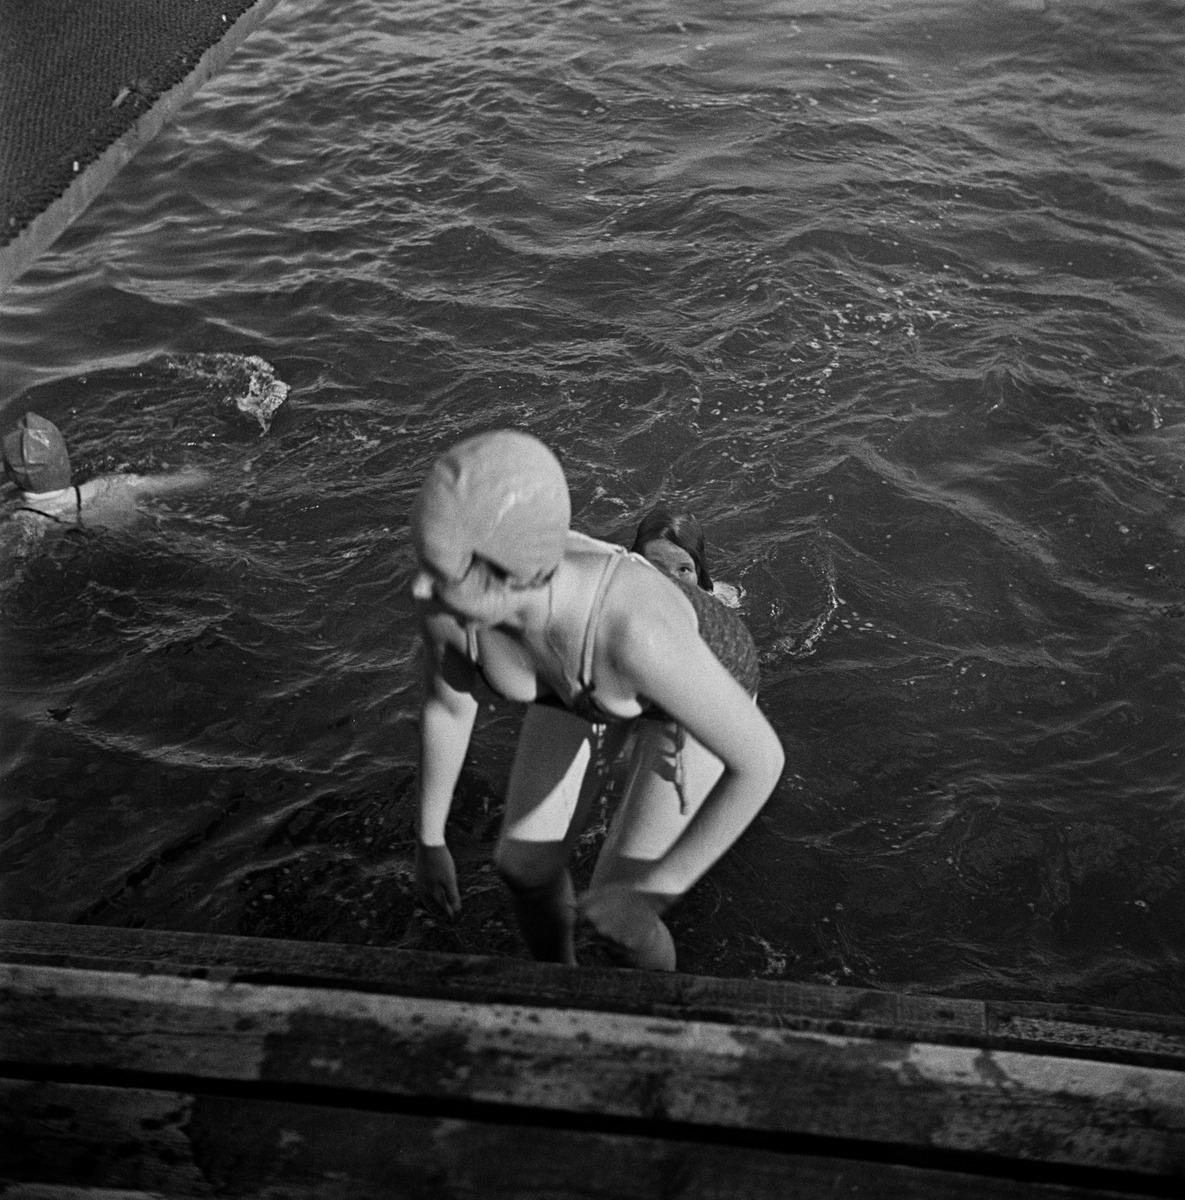 Nuori tyttö nousemassa vedestä